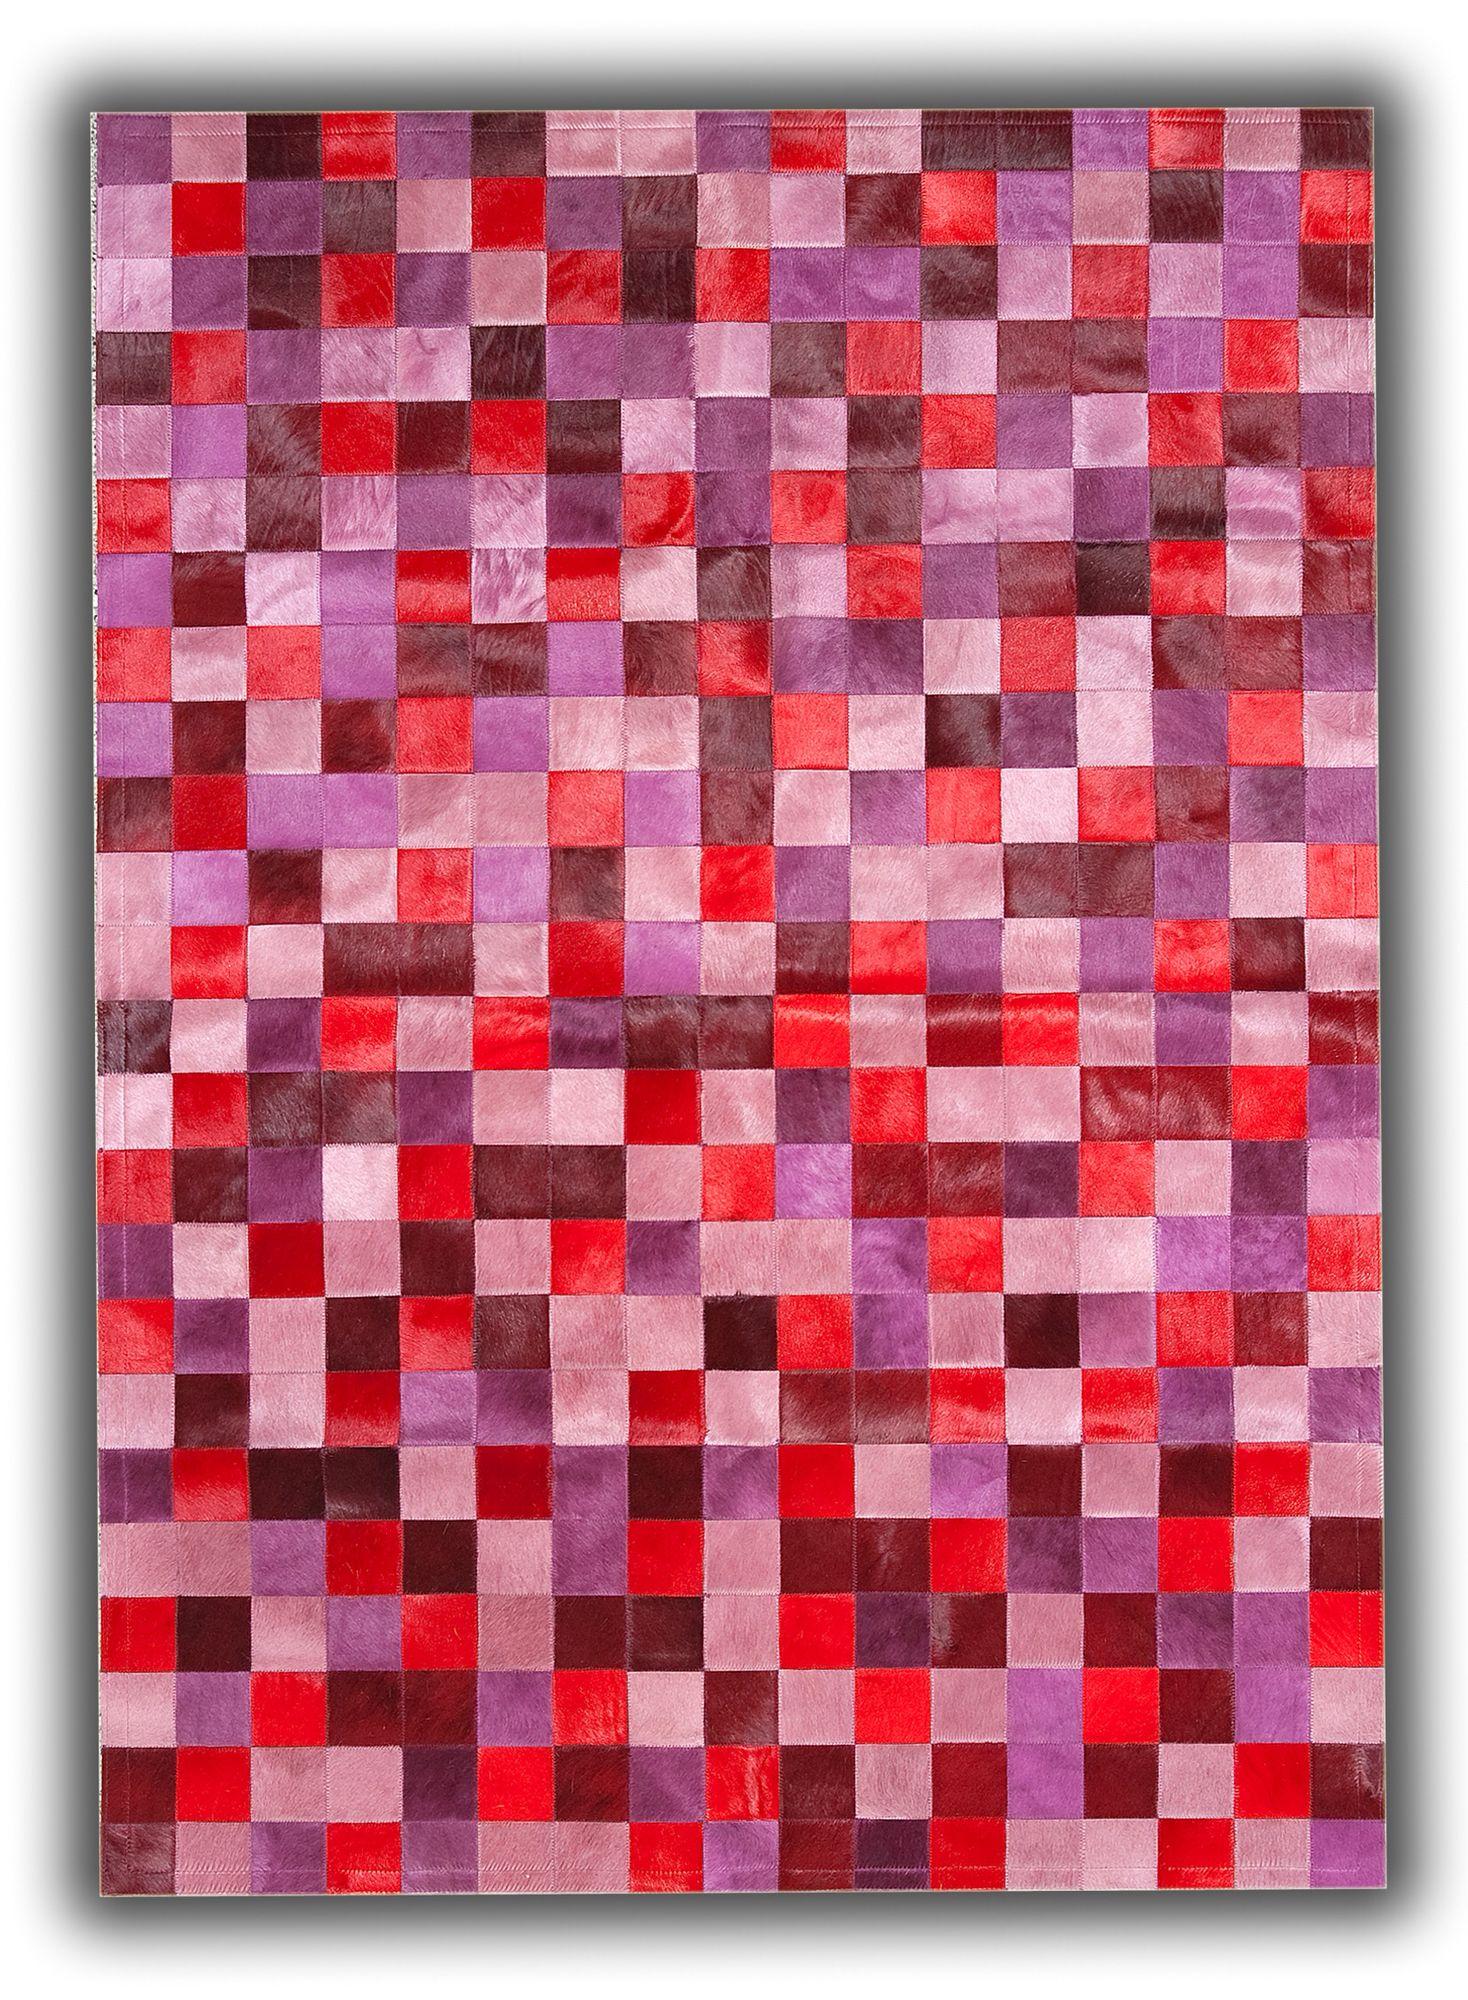 Cow skin carpet red